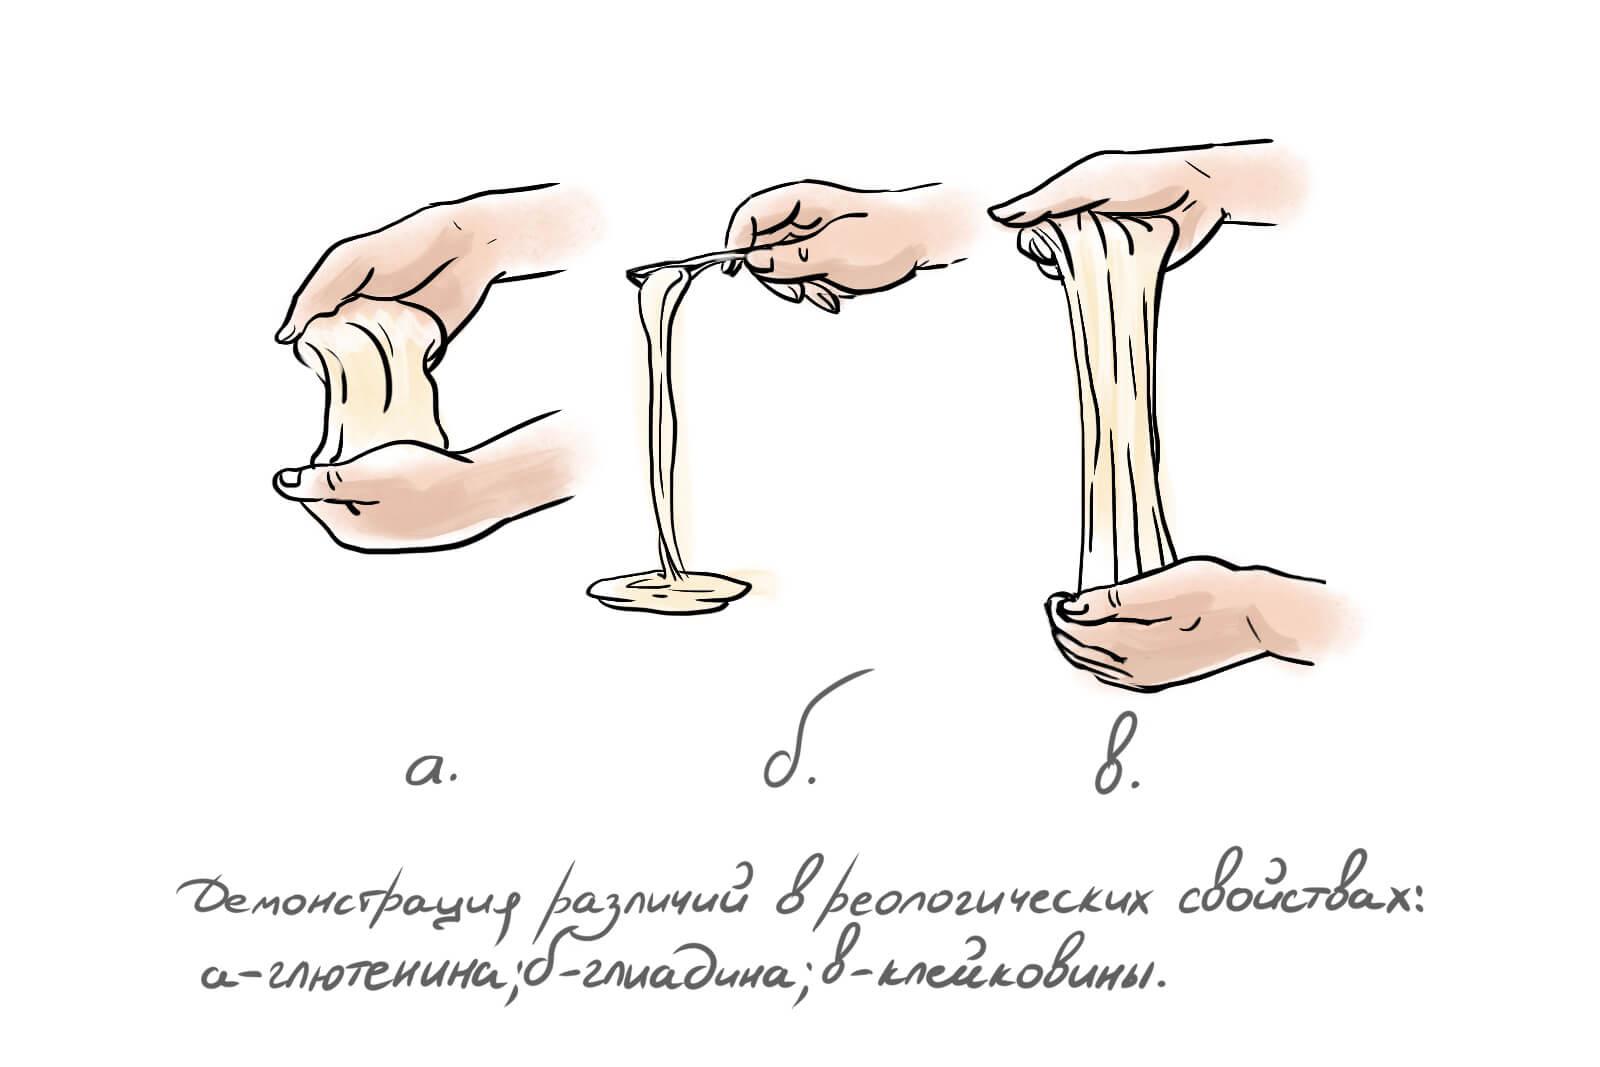 На рисунке а изображён гидратированный глютенин - это резинообразная масса, которая слегка тянется, но относительно жёсткая и упругая. На рисунке б гидратированный глиадин - жидкая, сиропообразная масса. Вязкотекучая, липкая, растяжимая и неупругая. На рисунке в вы уже видите клейковину, которая представляет собой сочетание гидратированного глютенина и глиадина и их свойств.